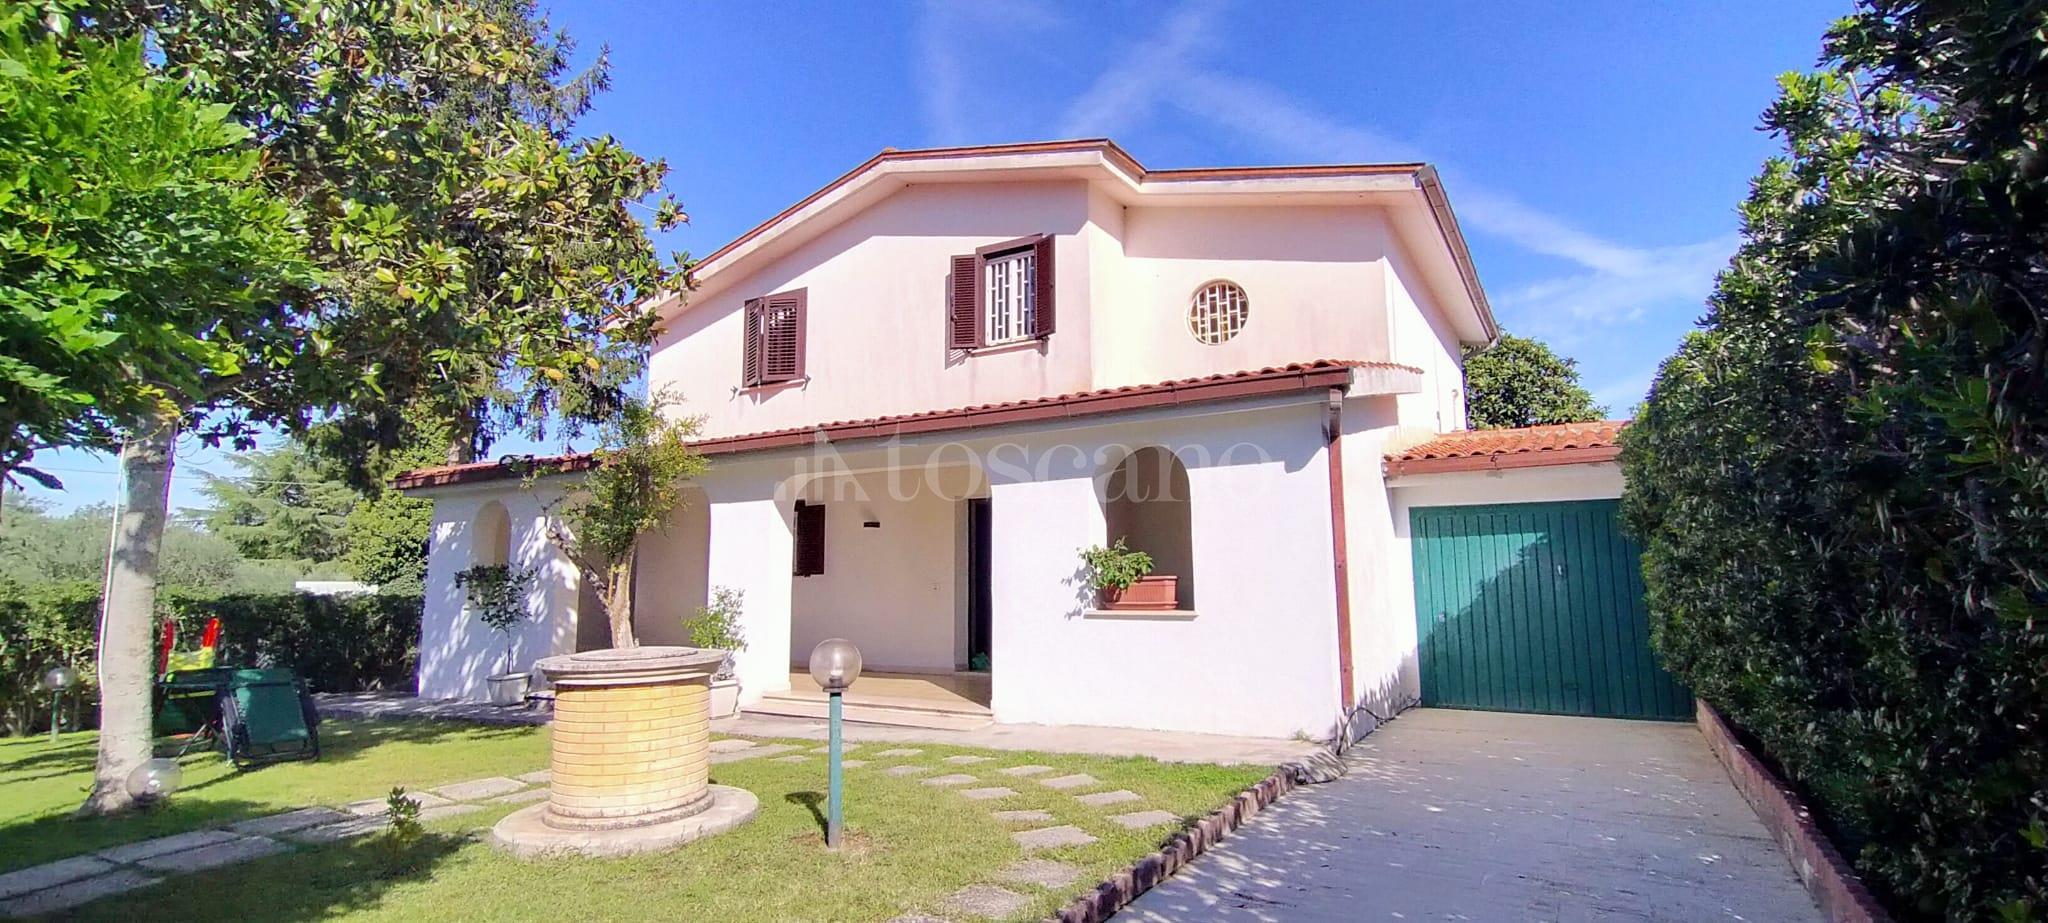 Villa in vendita di 220 mq a €425.000 (rif. 63/2020)